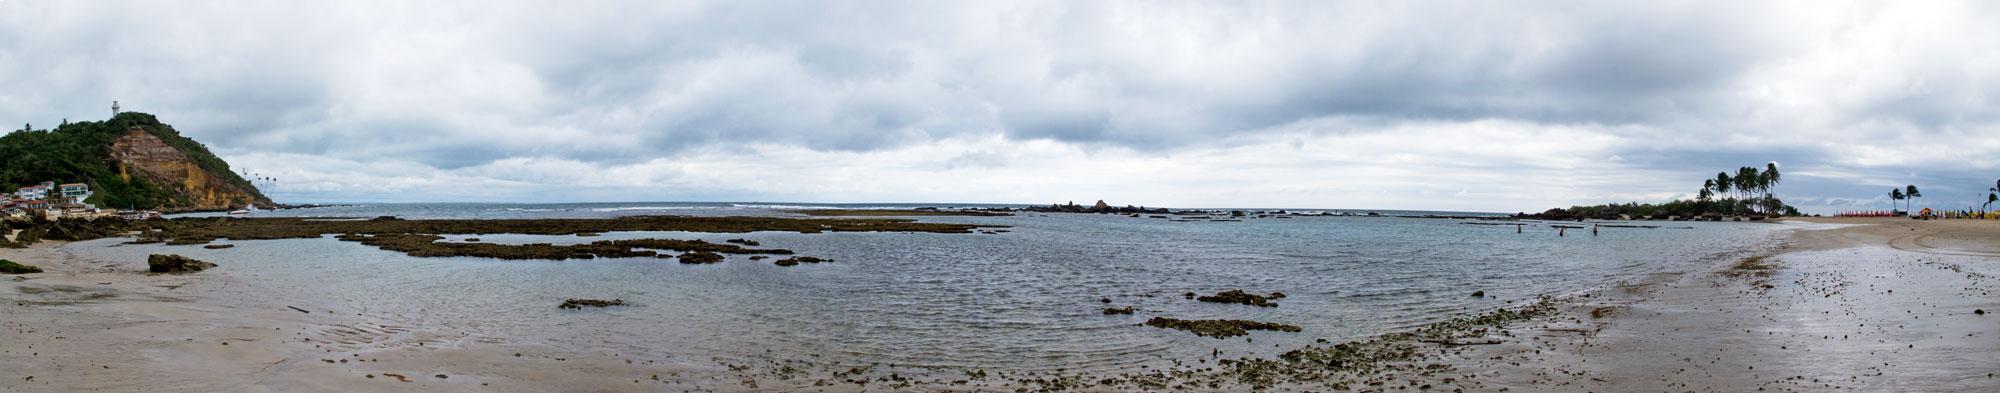 segunda praia com a maré baixa